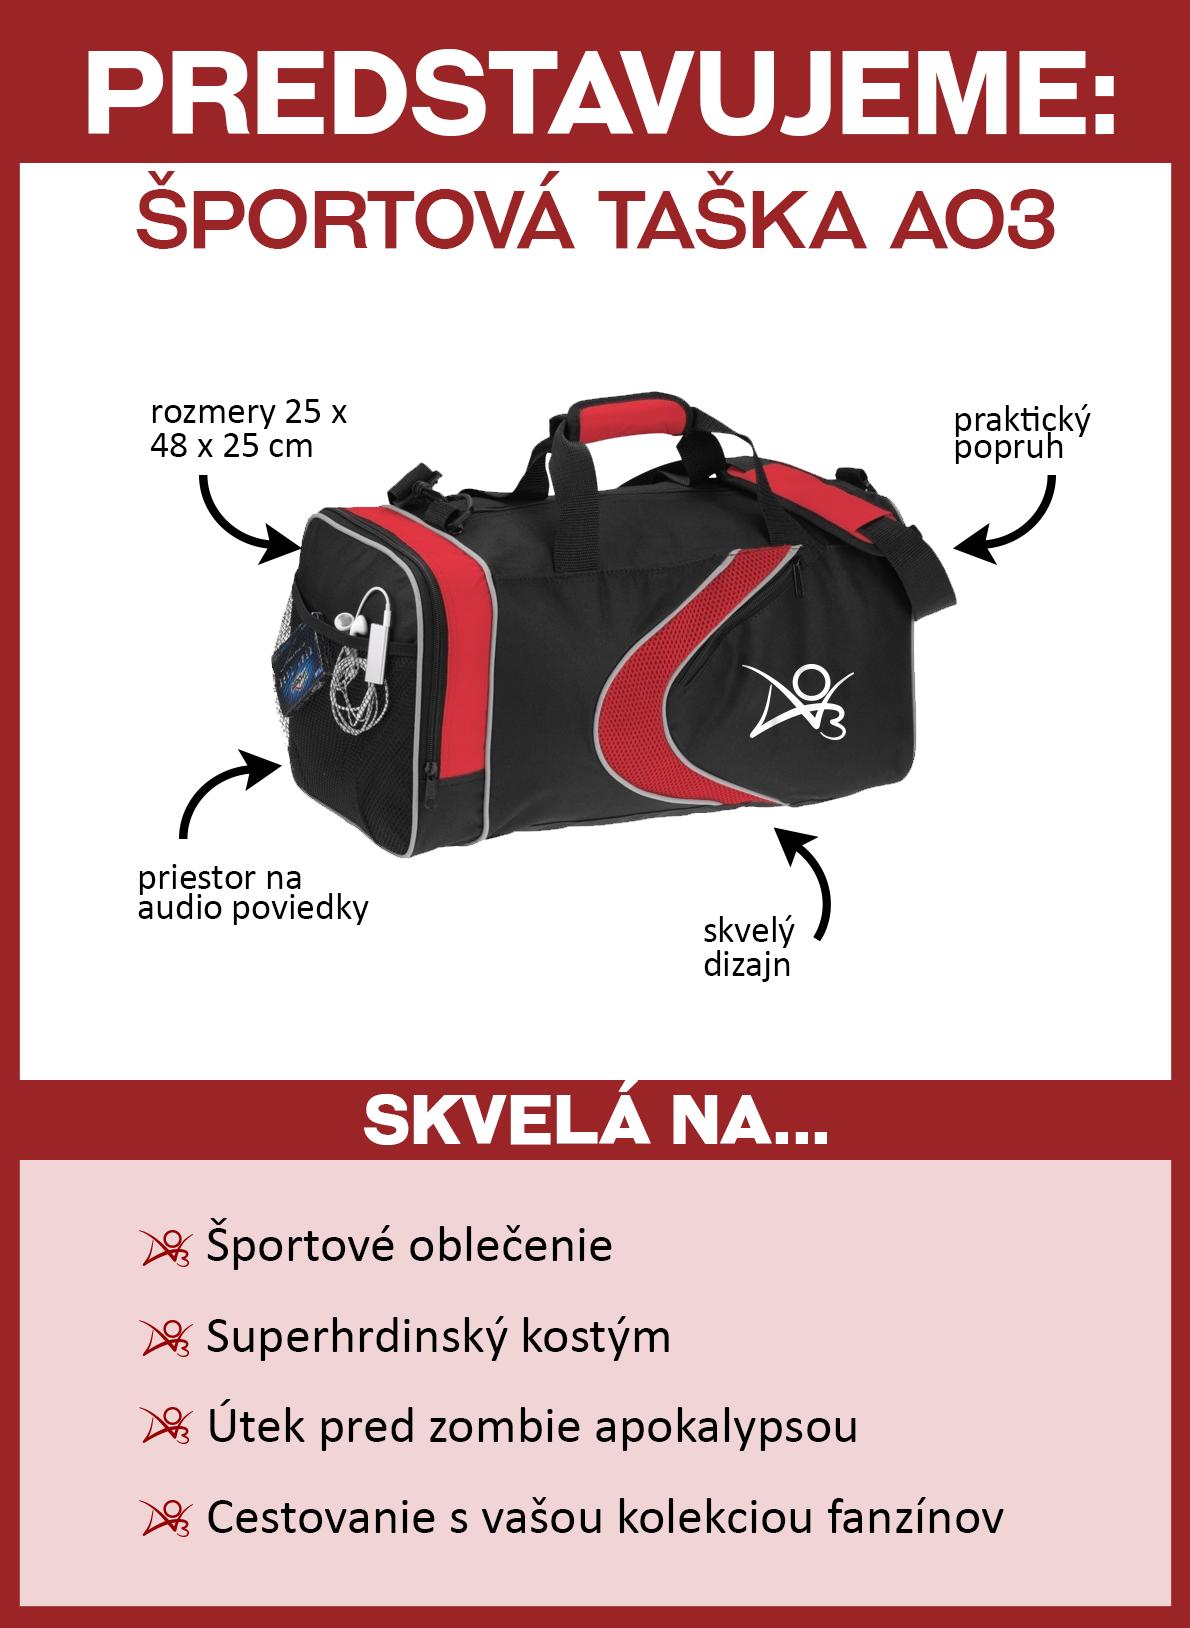 Predstavujeme športovú tašku AO3. Je čierno-červená, s červeným dizajnom a bielym logom AO3 na bočnej strane. Taška má rozmery 25 x 48 x 25 cm. Taktiež má praktický popruh a sieťované bočné vrecko ideálne na uloženie audio poviedok. Taška je skvelá na športové oblečenie, superhrdinský kostým, na útek pred zombie apokalypsou, ale aj na cestovanie s vašou kolekciou fanzínov.